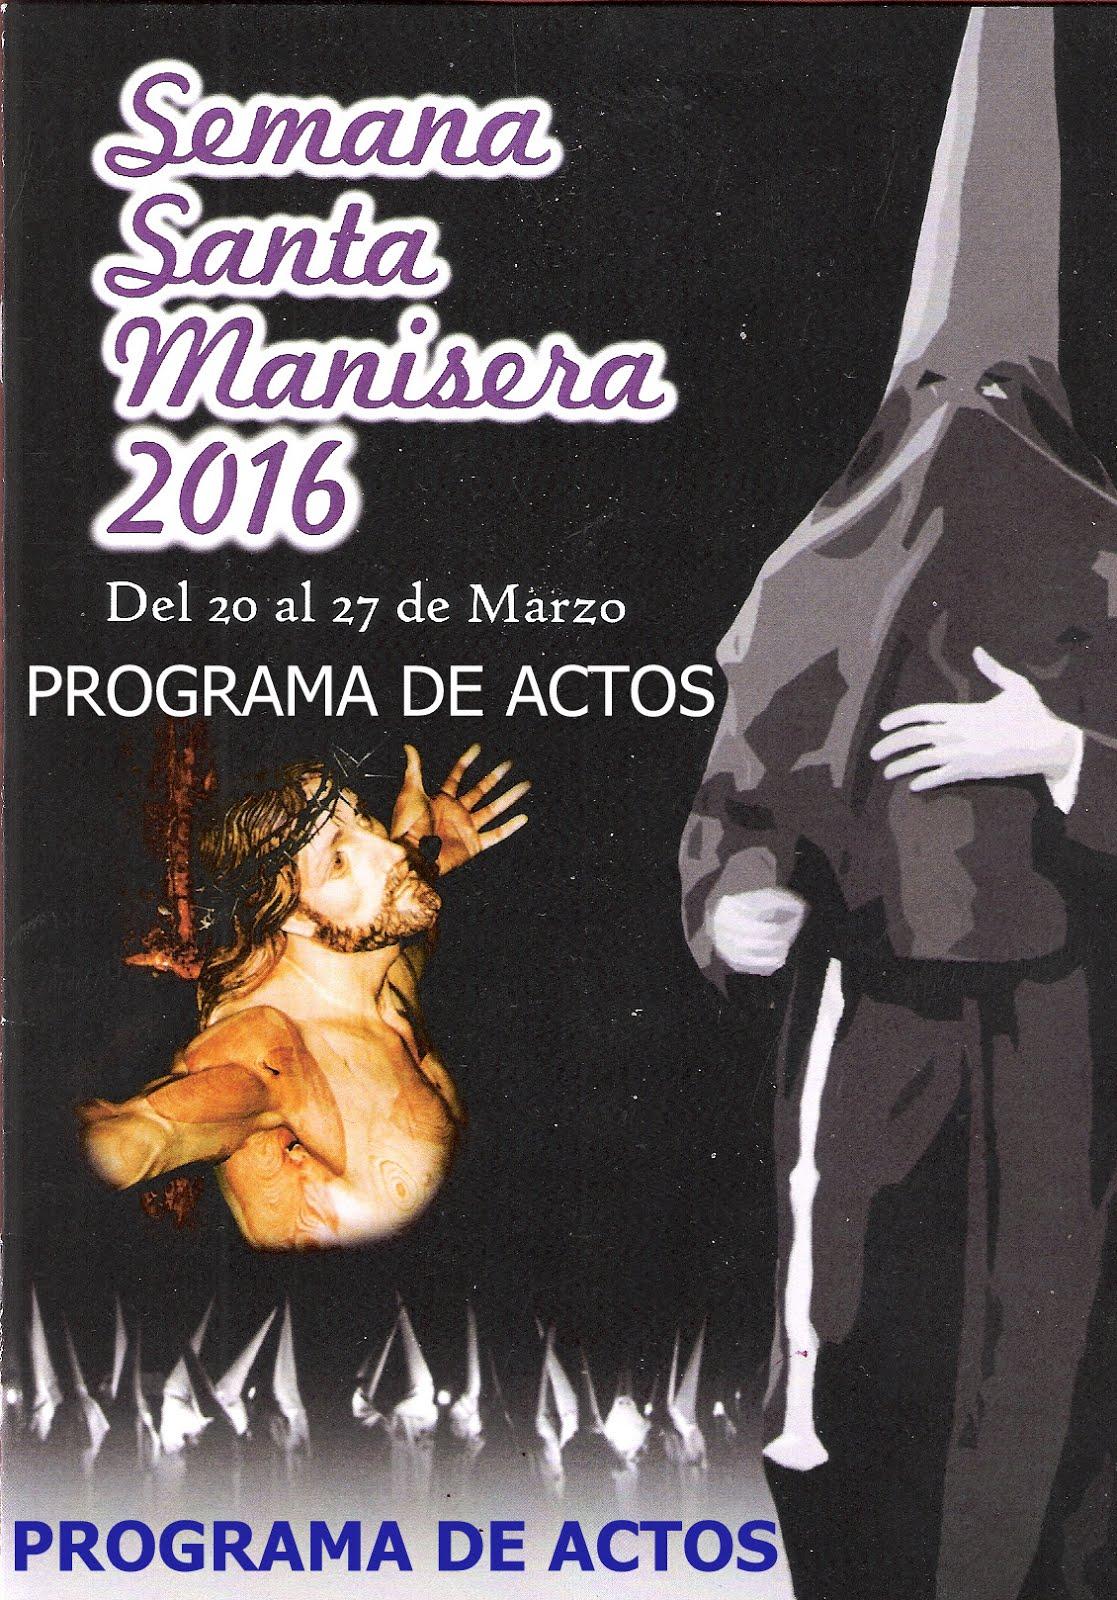 20.03.16 PROGRAMA DE LOS ACTOS DE LA SEMANA SANTA MANISERA DE 2016